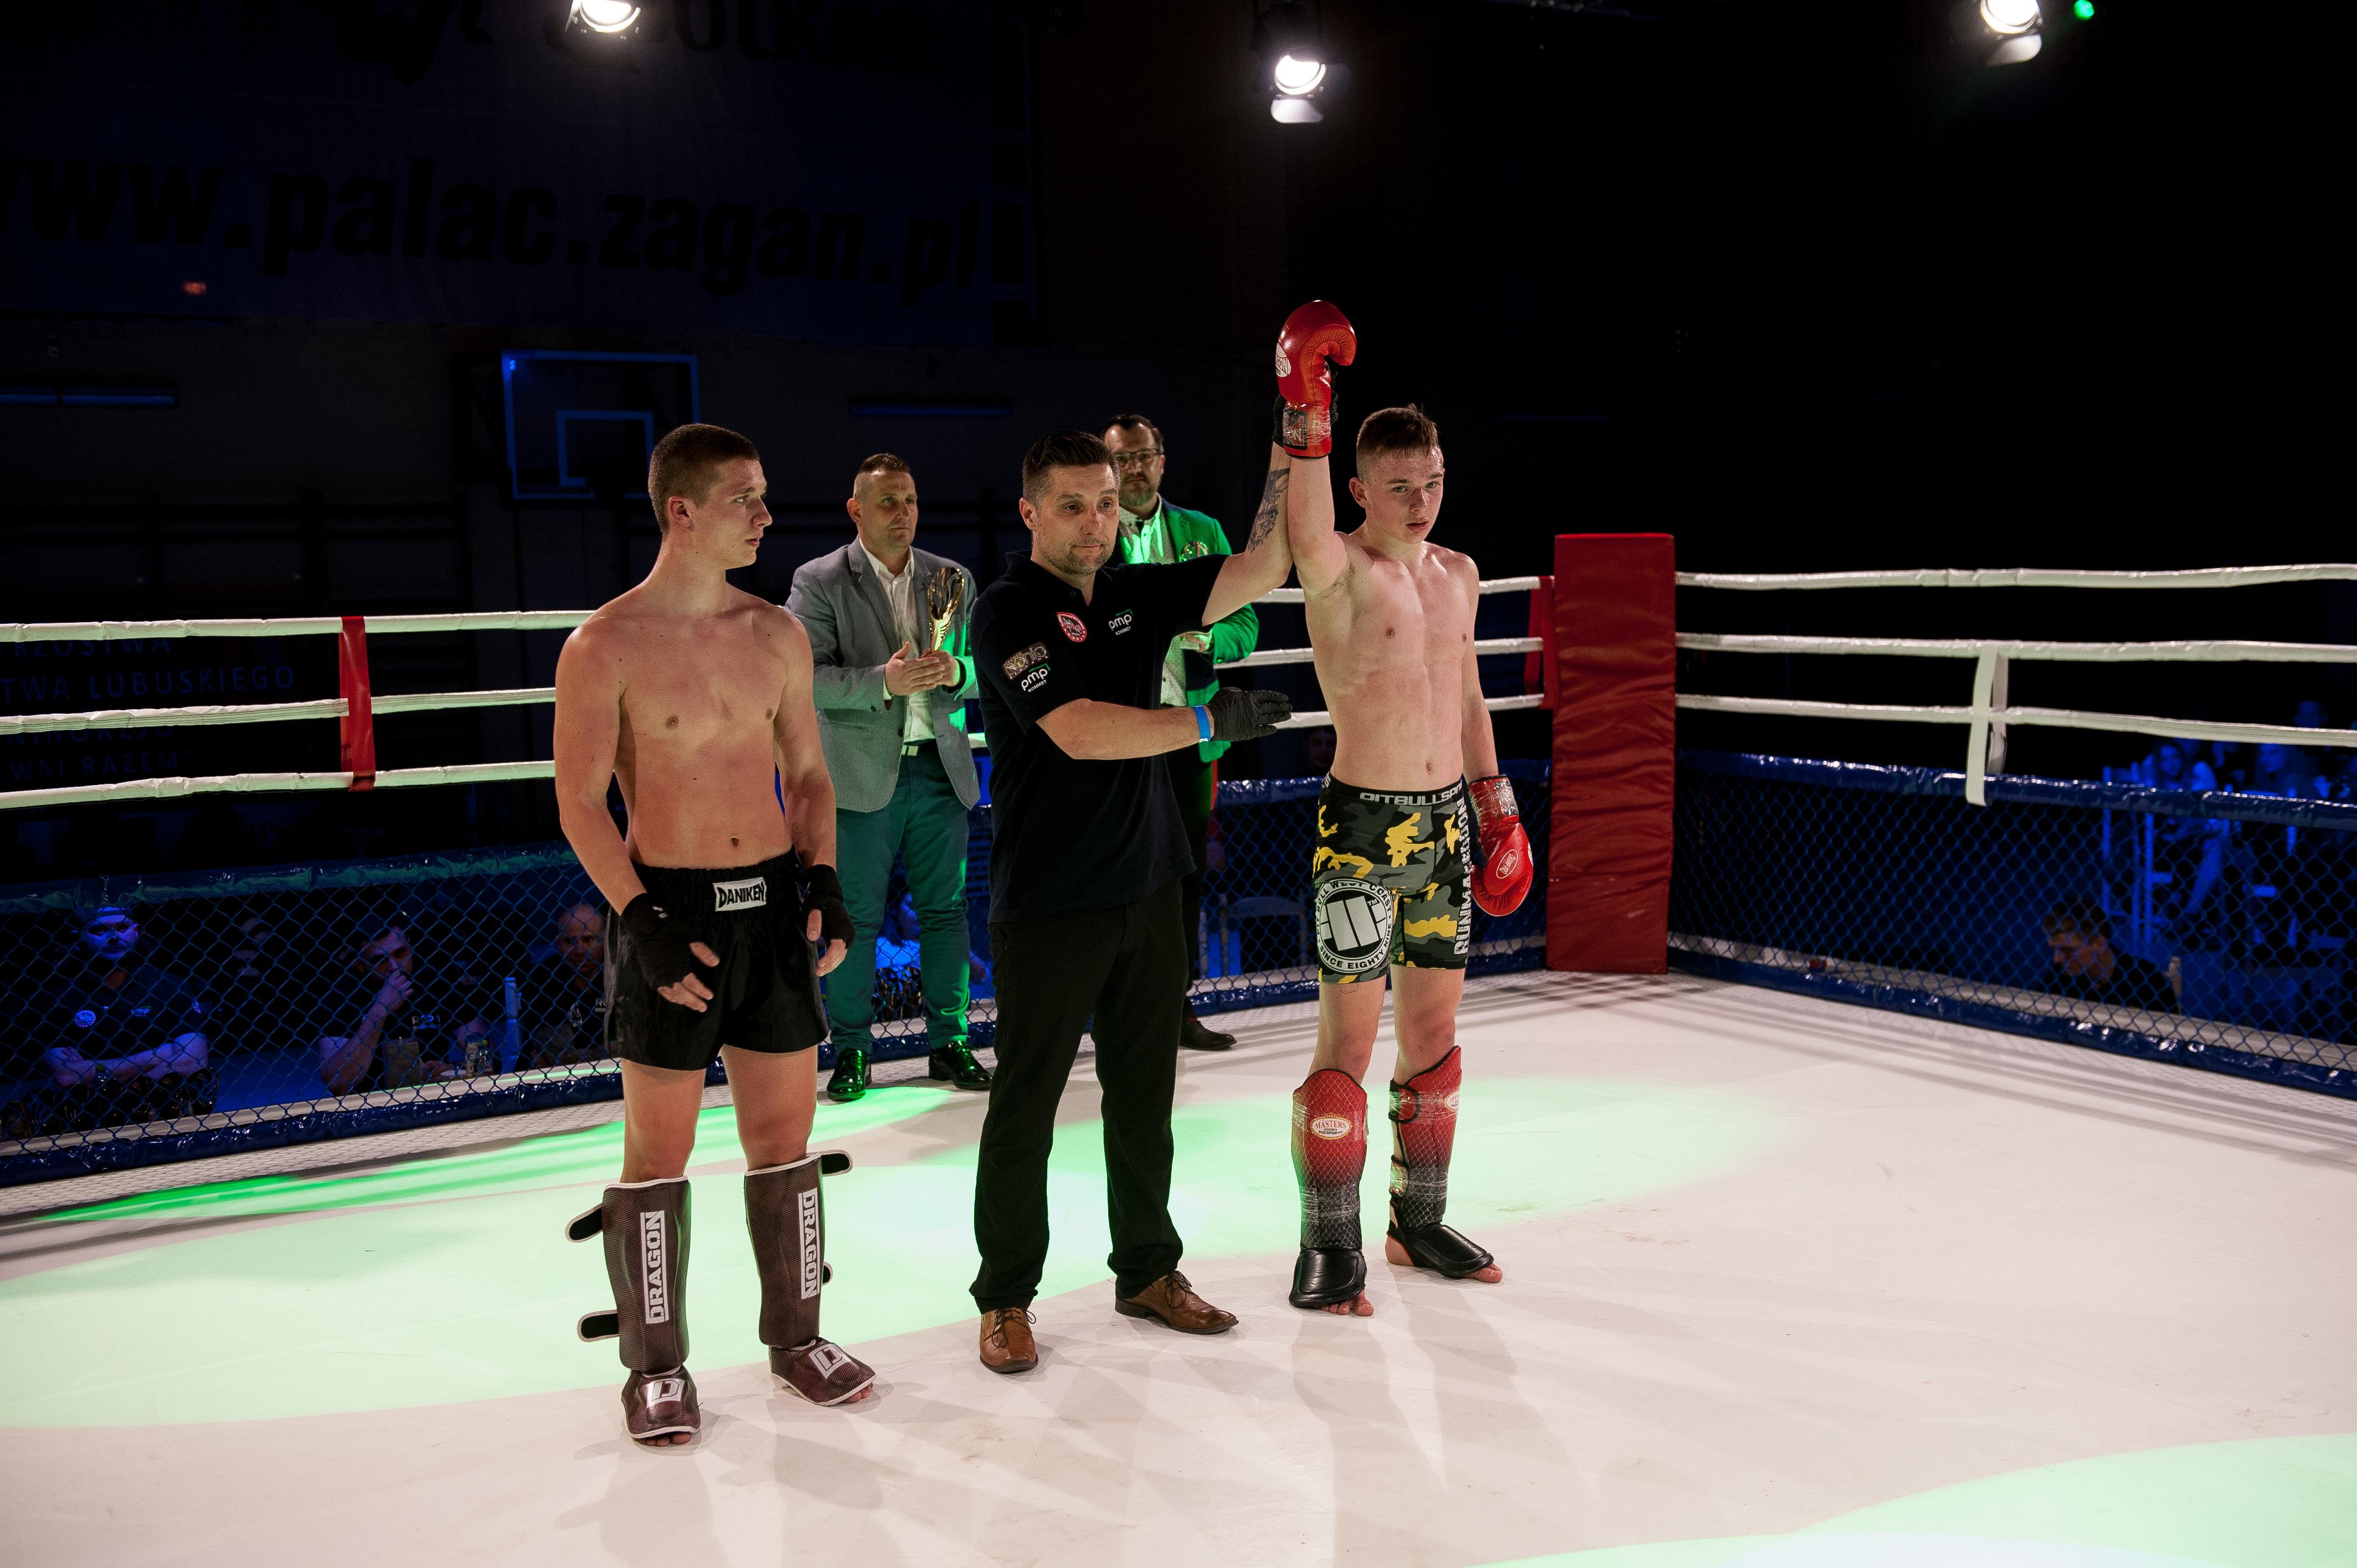 Charytatywna Gala Sportów Walki Żagań 13.04.2019-walka 9. Igor Serafin (Vorenus Jawor) vs Michał Machulak (Malinowski Team Żary) K-1 -65 kg